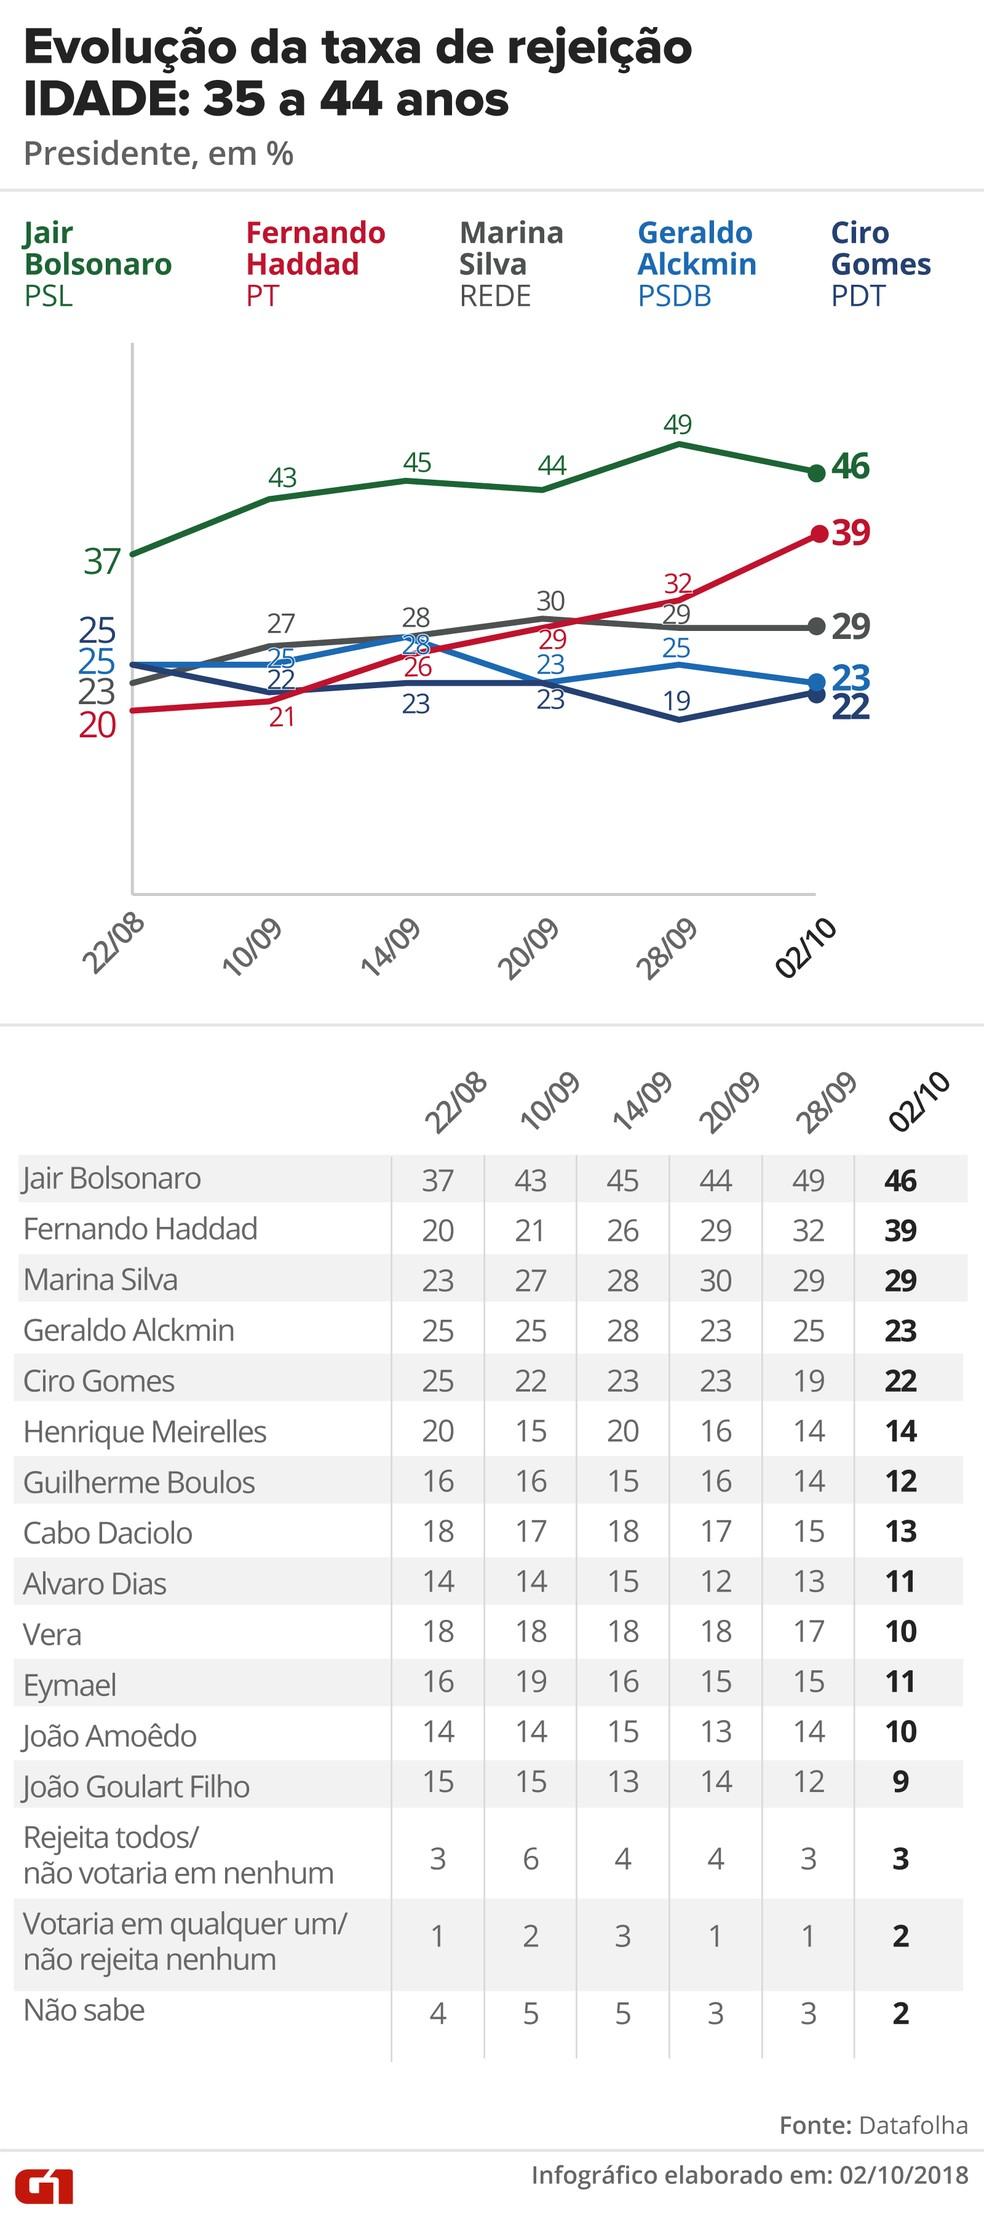 Pesquisa Datafolha, 2/10 para presidente - Rejeição - Idade: 35 a 44 anos — Foto: G1 Arte